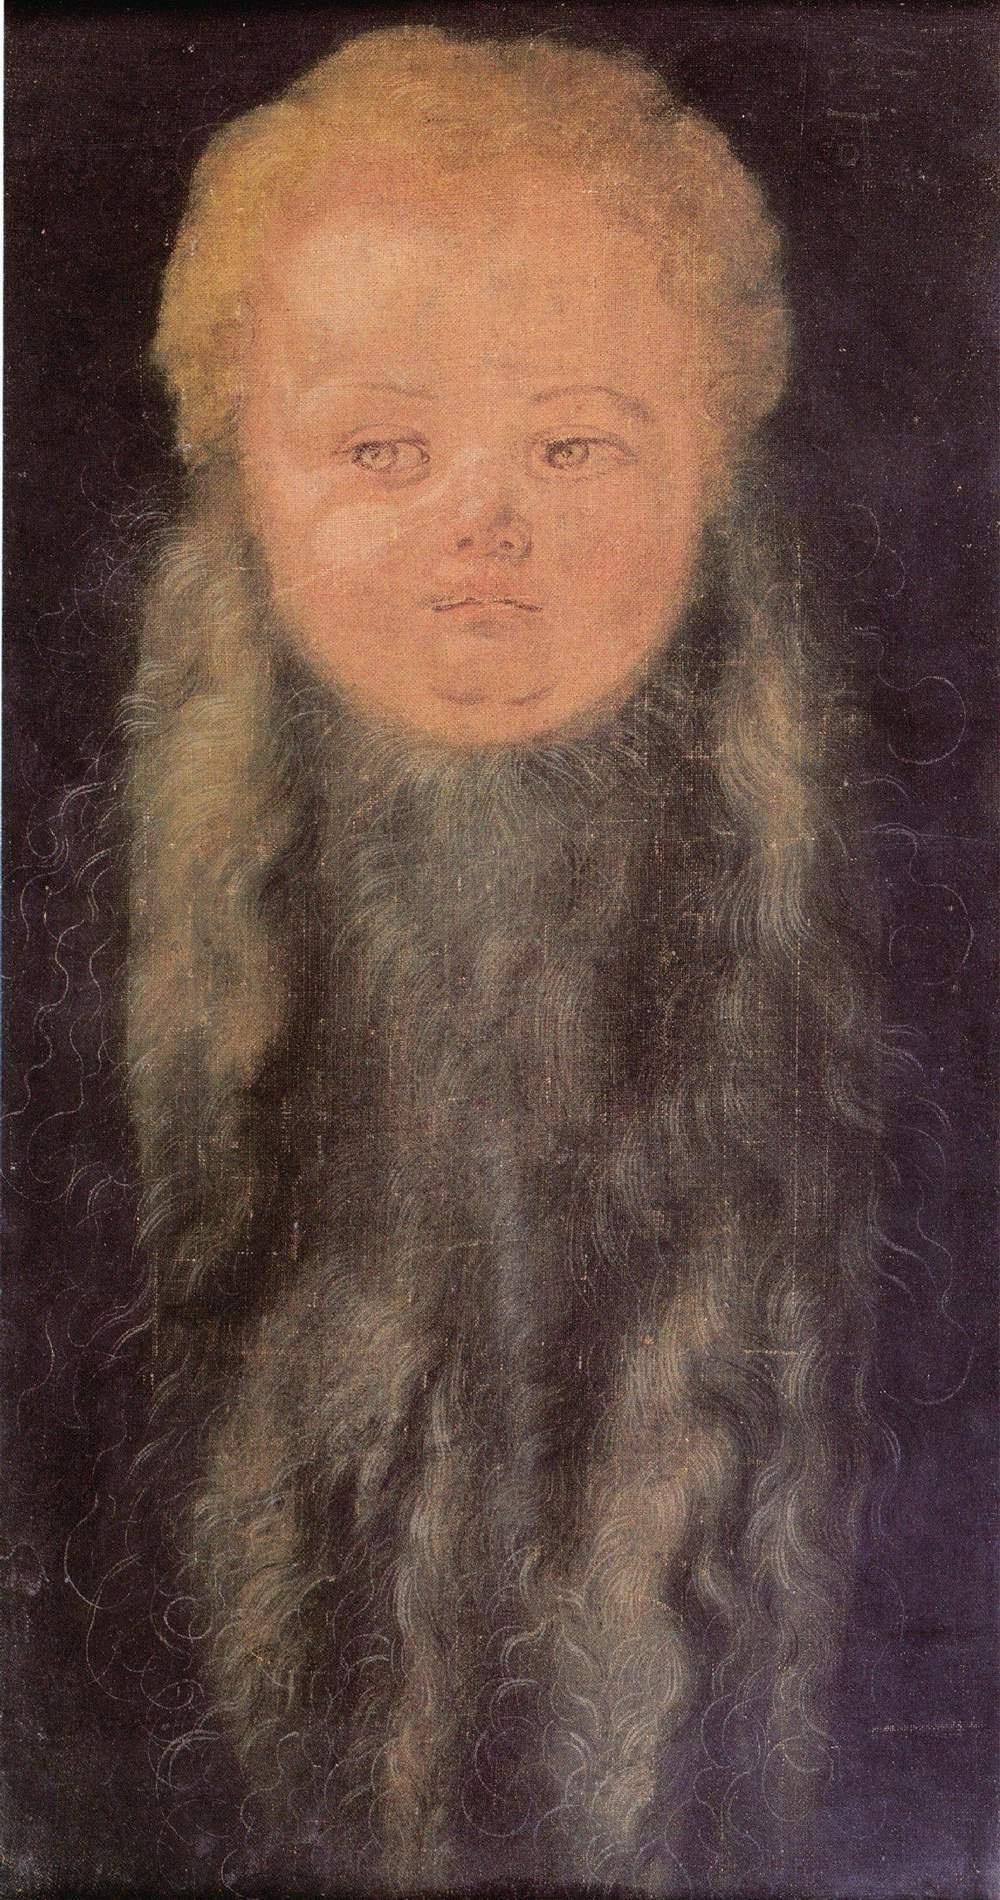 Albrecht Durer. Head of a bearded baby